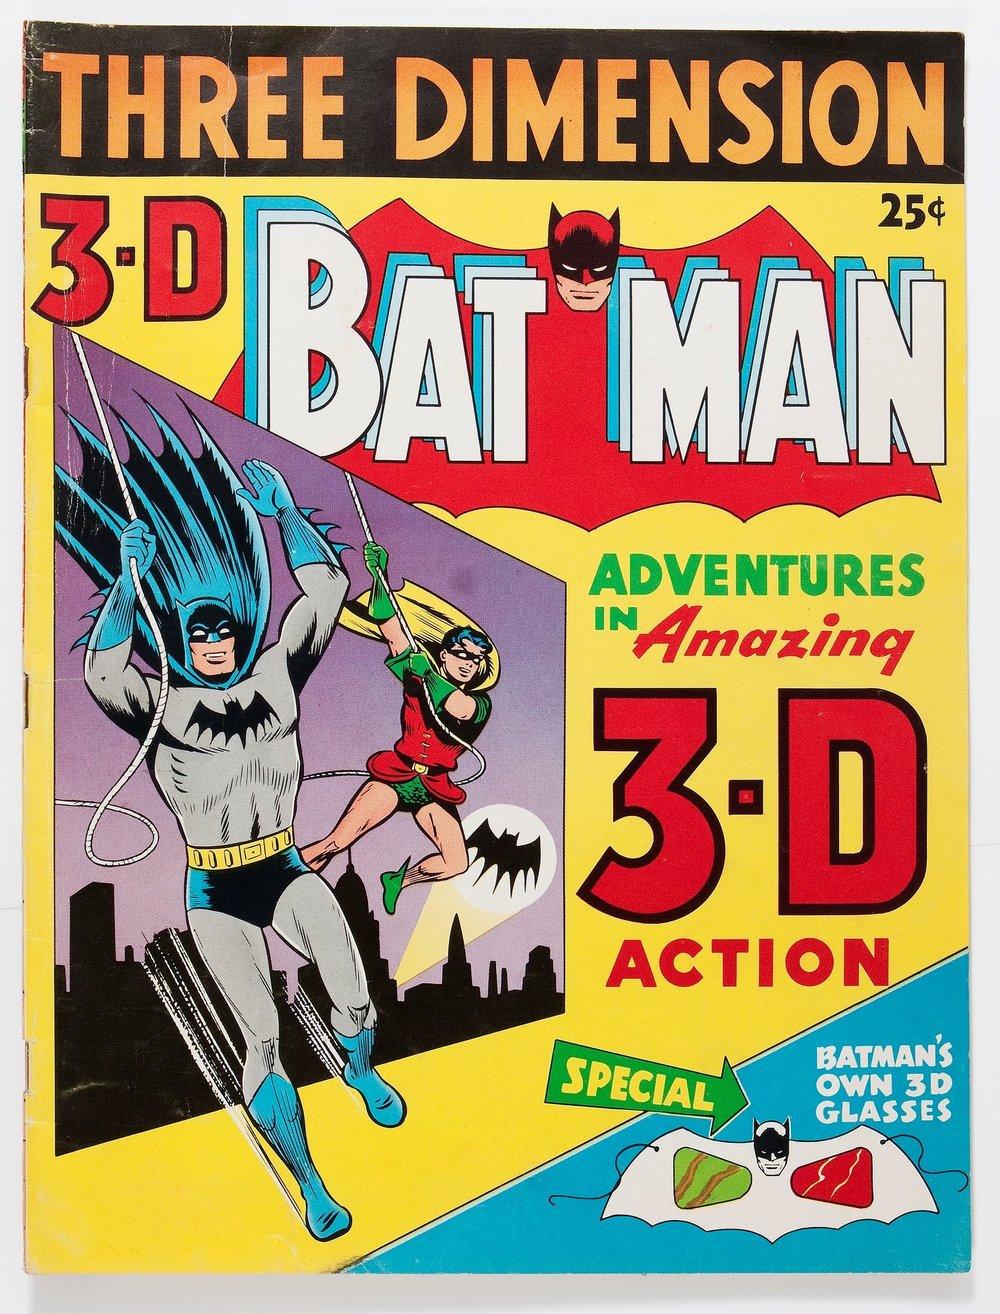 BATMAN3-D.jpg